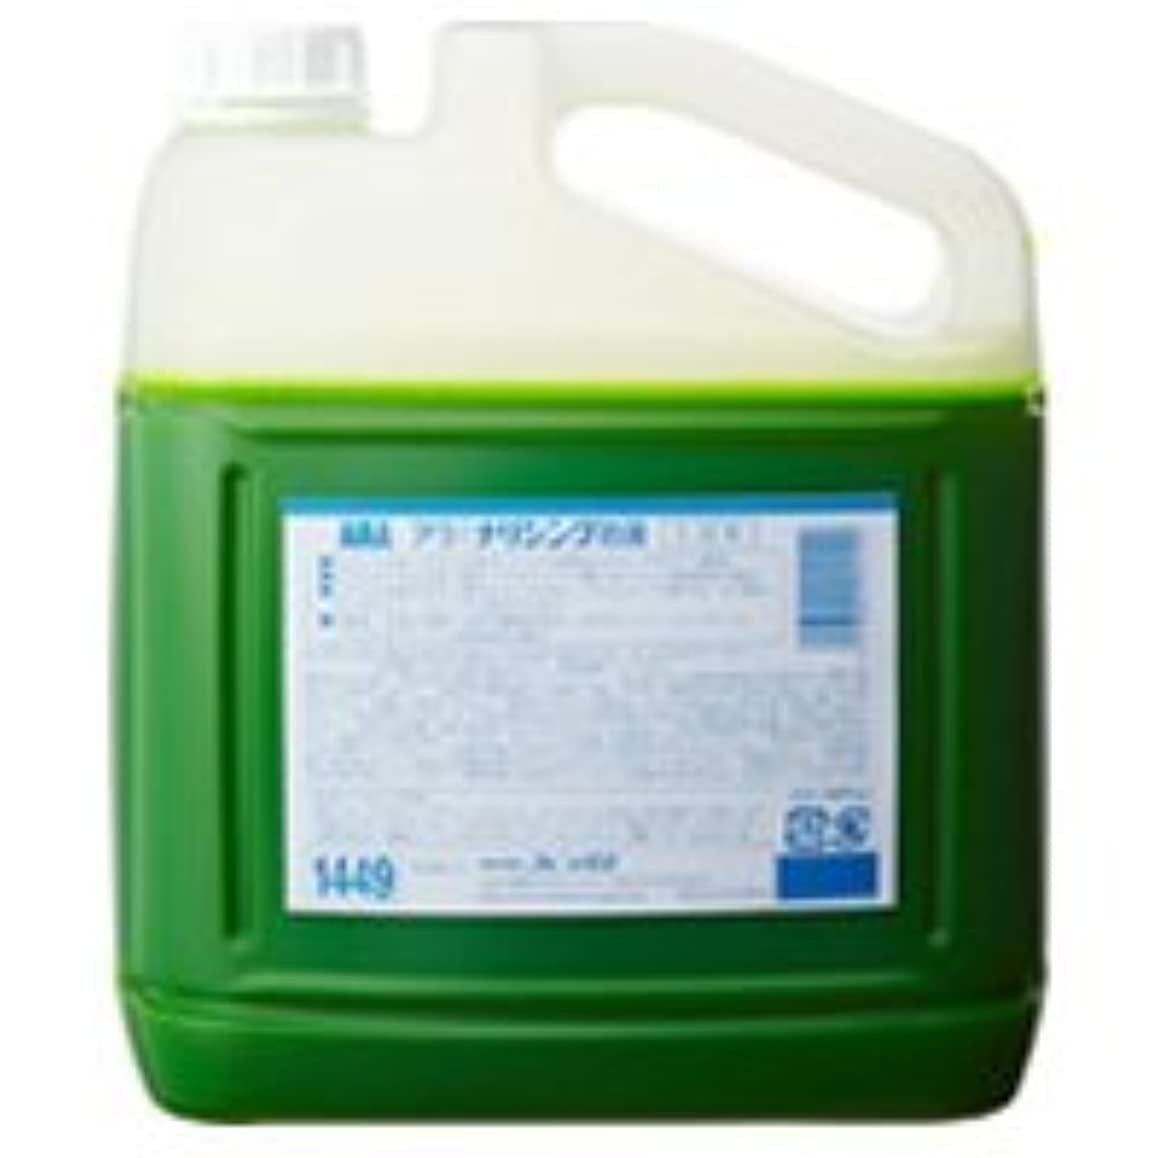 安価な特別な体細胞アラ!ナリシングの湯 入浴料 4L×4本入 ケース配送